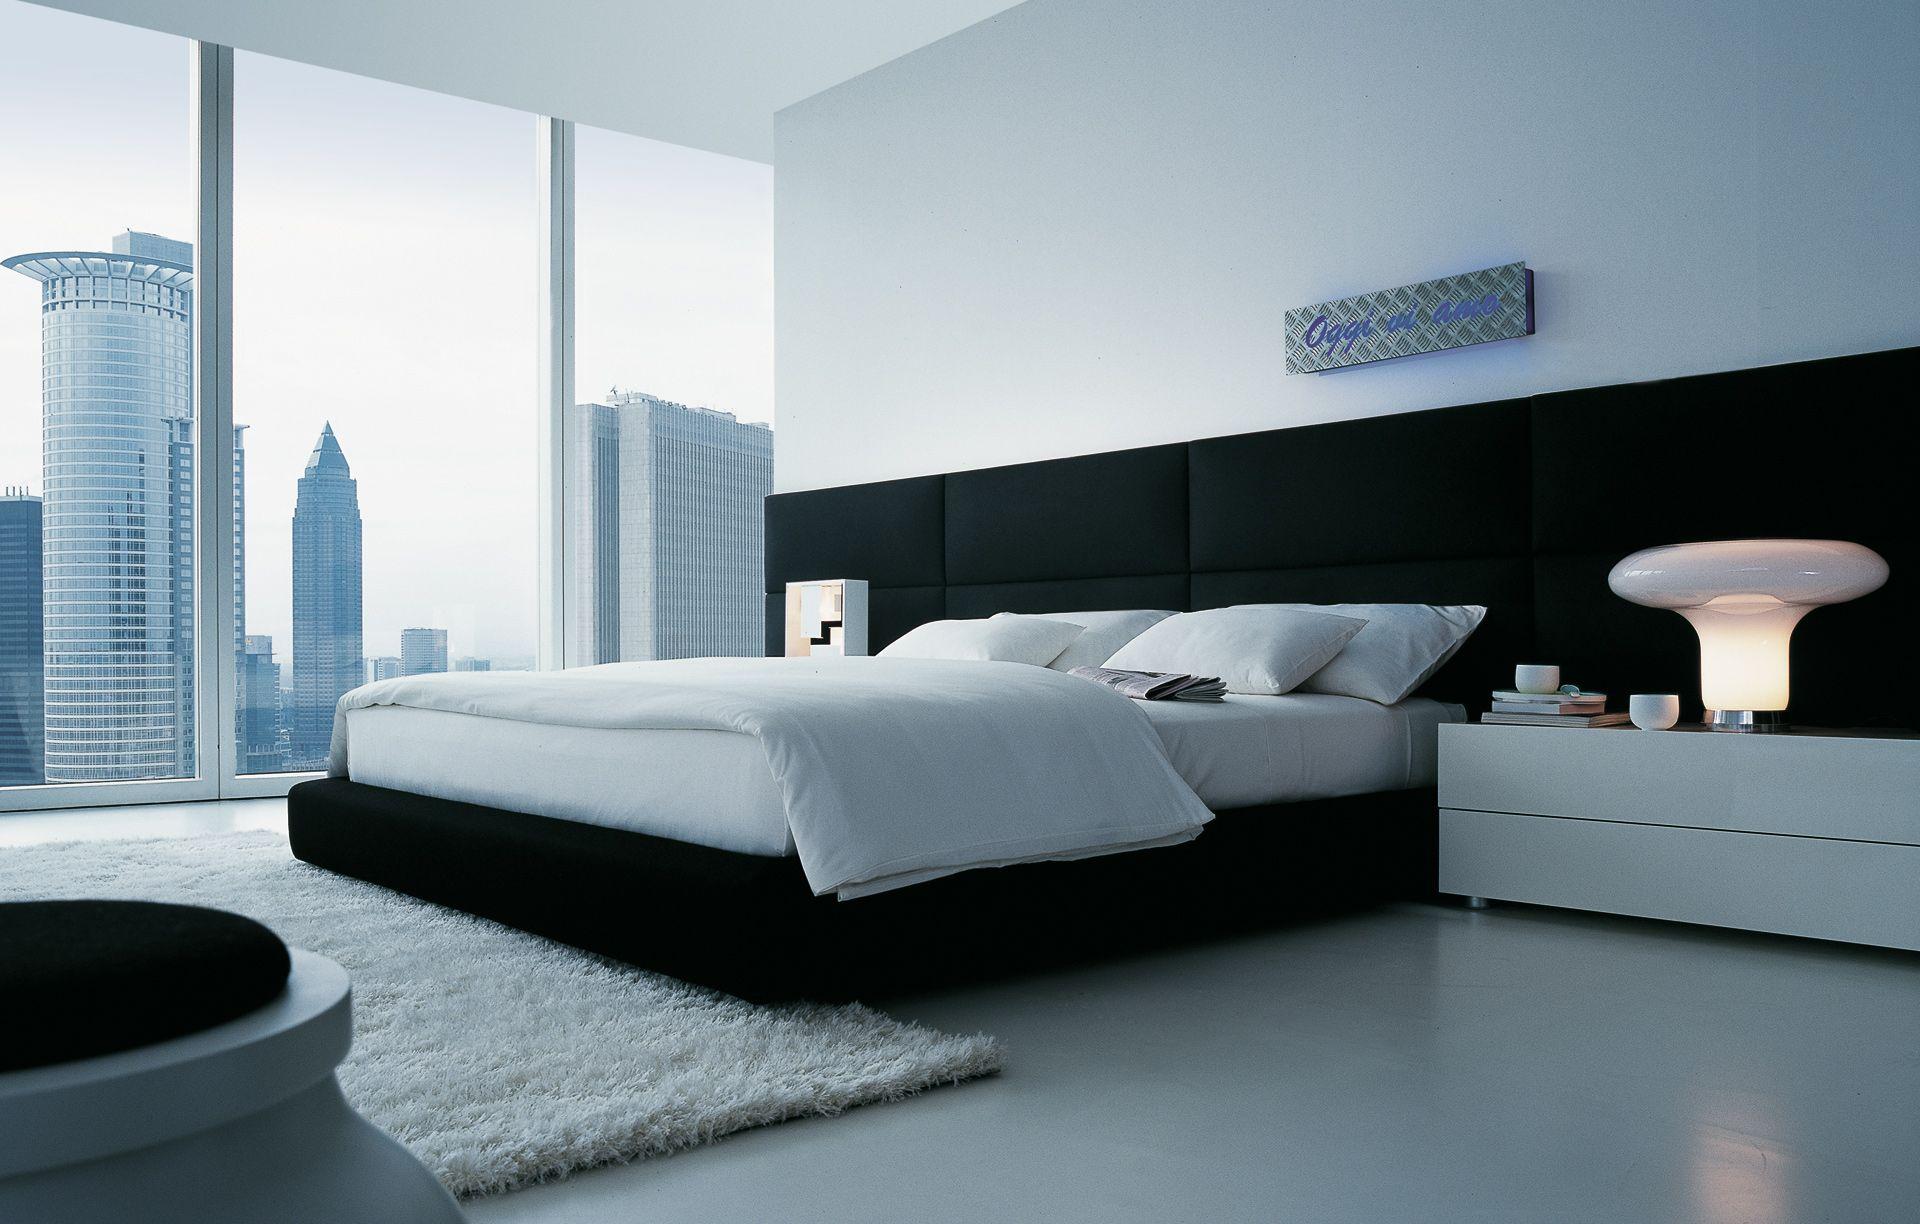 Master bedroom headboard  Inspiration image for Master headboard from Poliform Dream bed